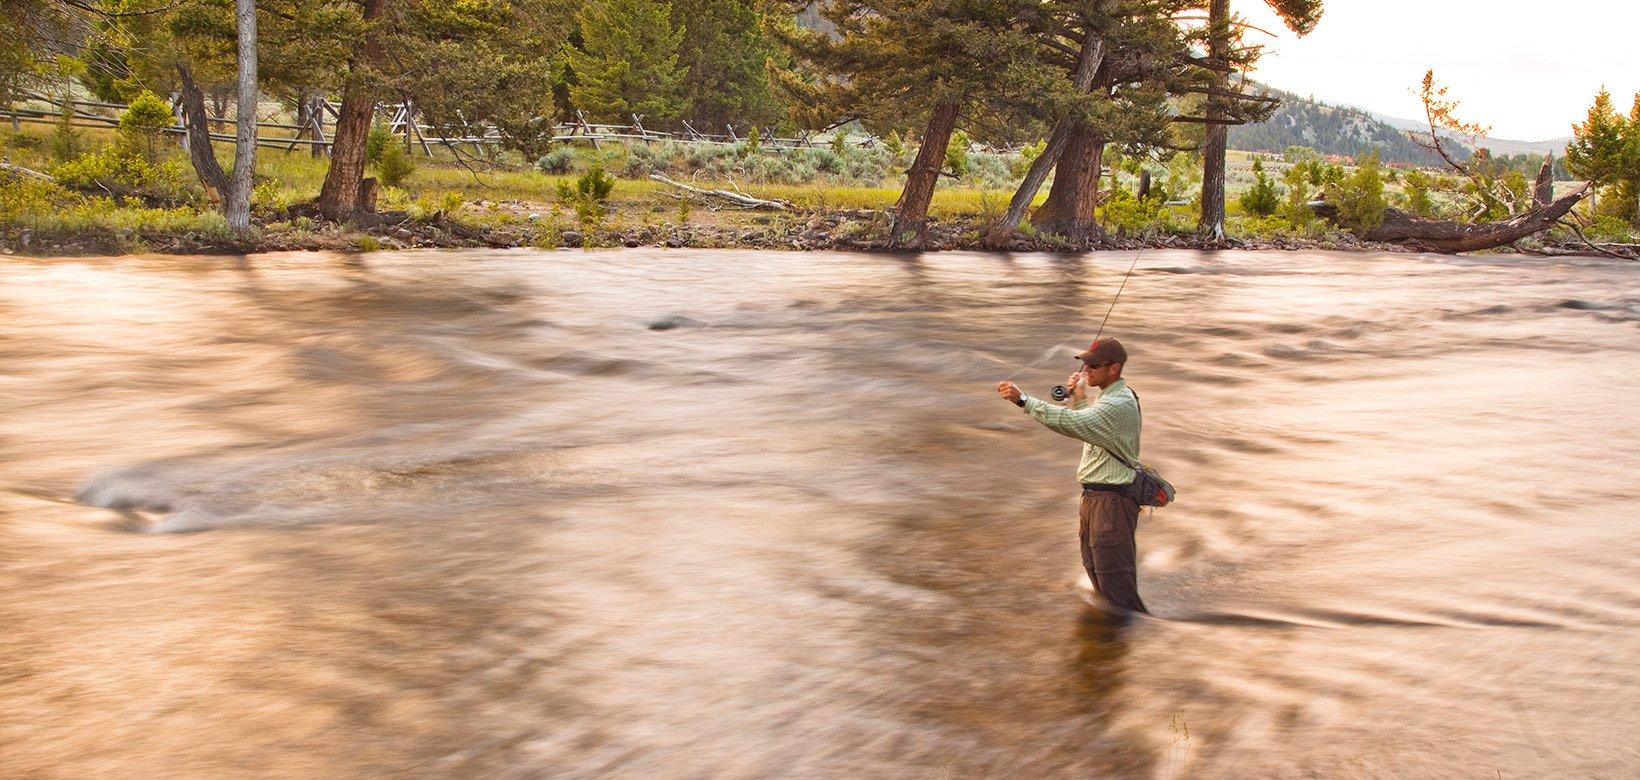 Fly fishing spring rockcreek the ranch at rock creek for Rock creek fishing